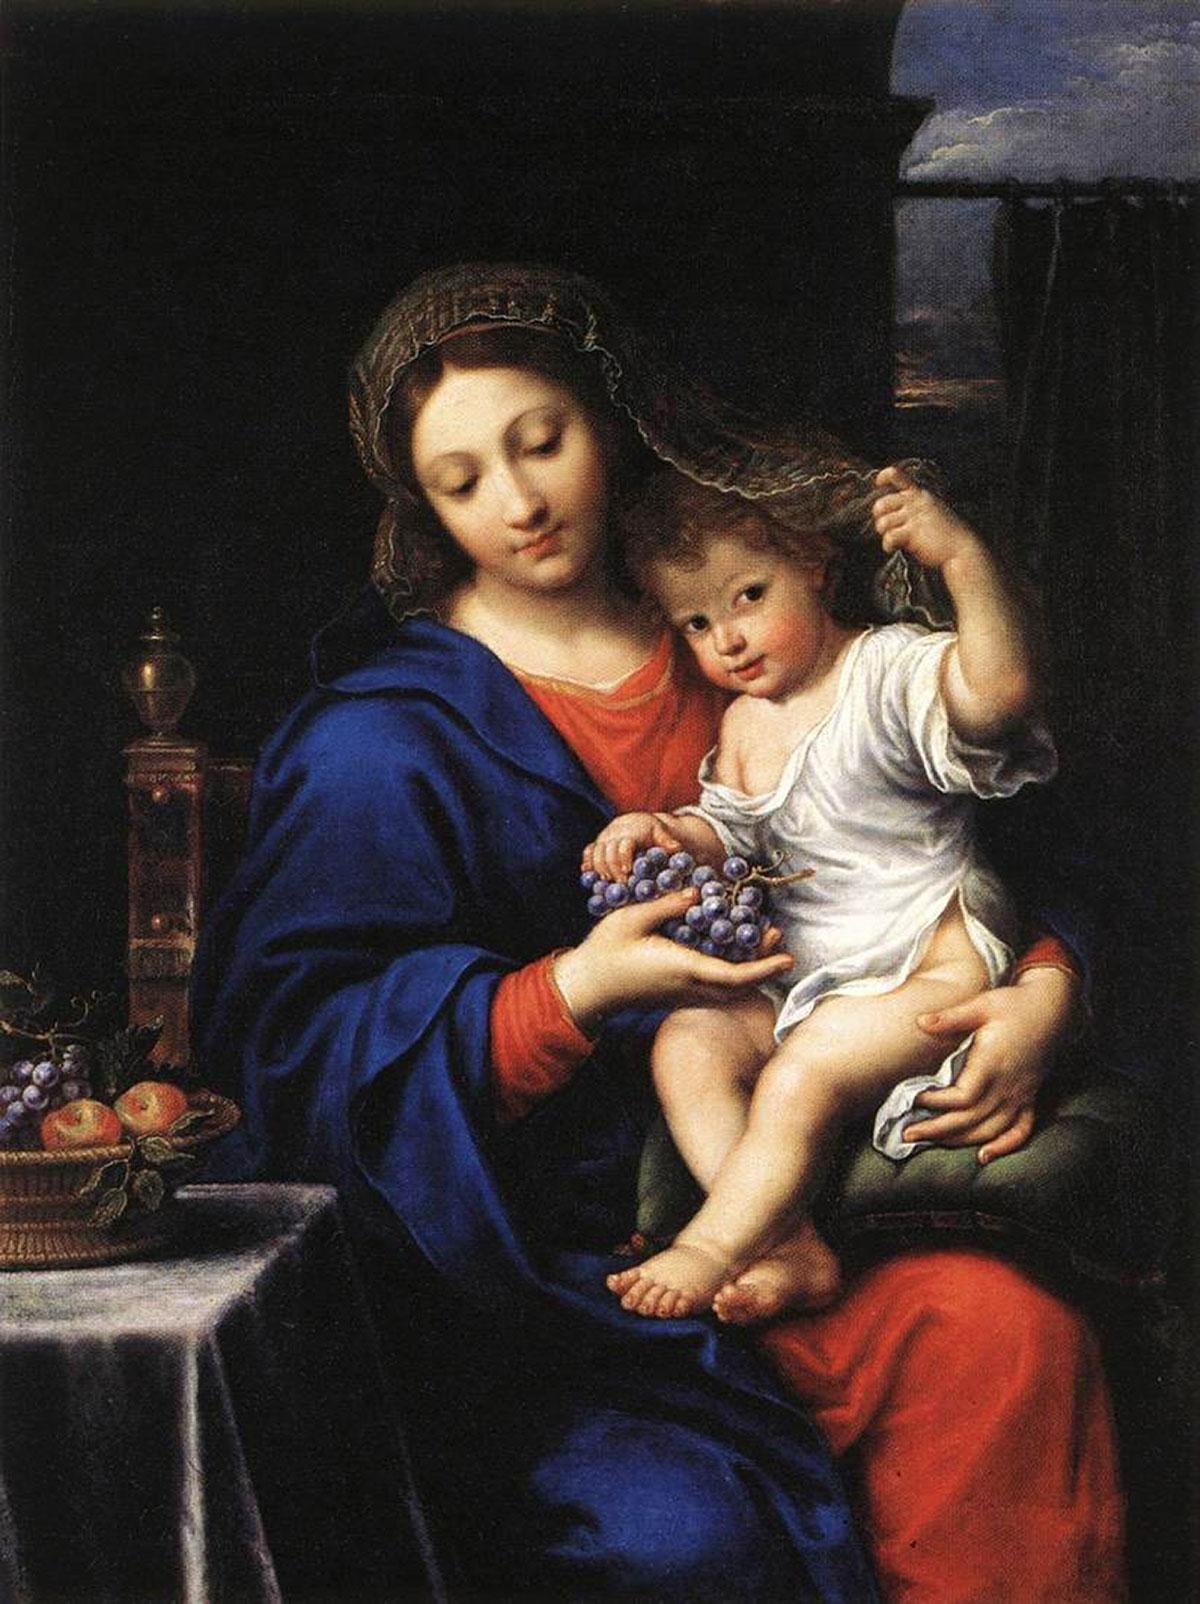 The Virgin with the grapes /La Vierge aux raisins/ + Mignard, Pierre *magnifico